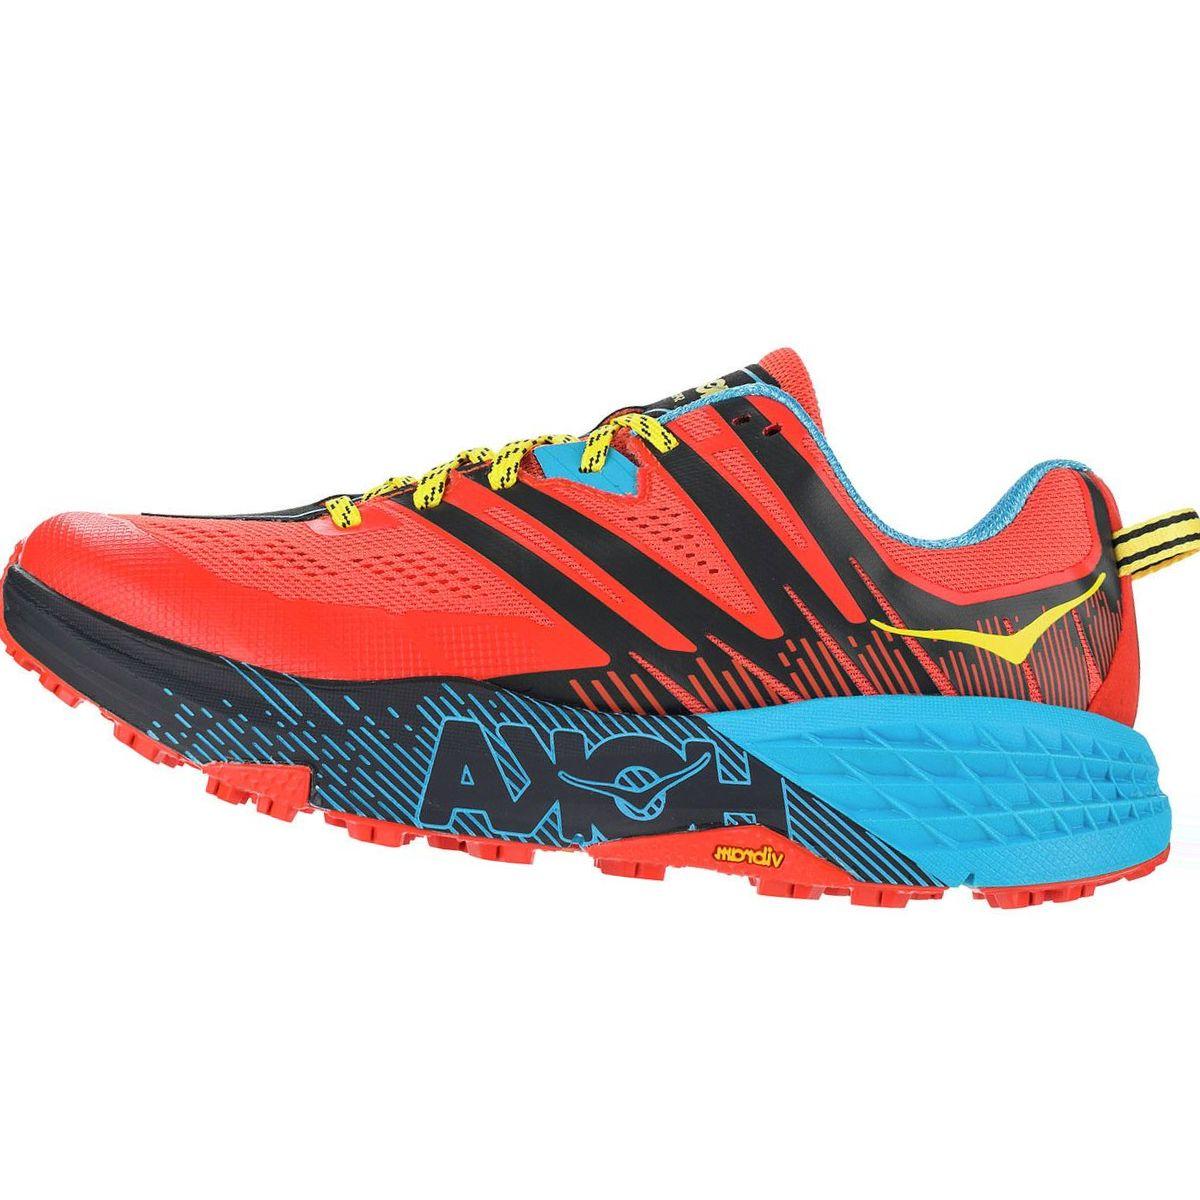 HOKA ONE ONE Speedgoat 3 Running Shoe - Men's